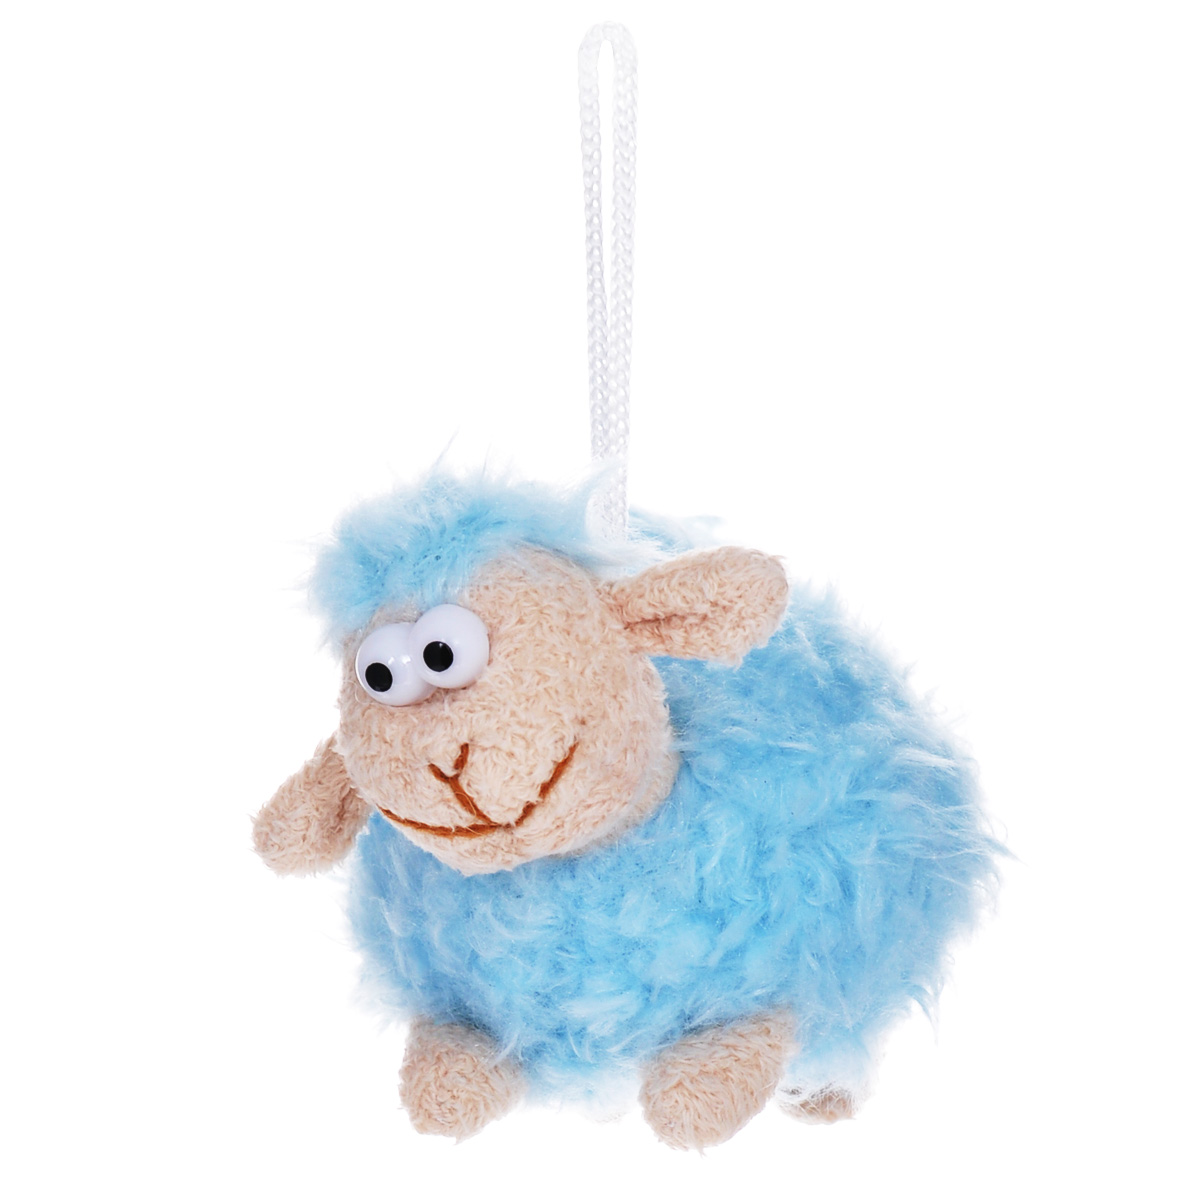 Мягкая игрушка-подвеска Sima-land Овечка, цвет: голубой, 8 см. 332801826734Очаровательная мягкая игрушка-подвеска Sima-land Овечка не оставит вас равнодушным и вызовет улыбку у каждого, кто ее увидит. Игрушка выполнена из искусственного меха и текстиля в виде забавной овечки с выпуклыми глазами. К игрушке прикреплена текстильная петелька для подвешивания. Мягкая и приятная на ощупь игрушка станет замечательным подарком, который вызовет массу положительных эмоций.Размер игрушки: 115 мм х 70 мм х 80 мм.